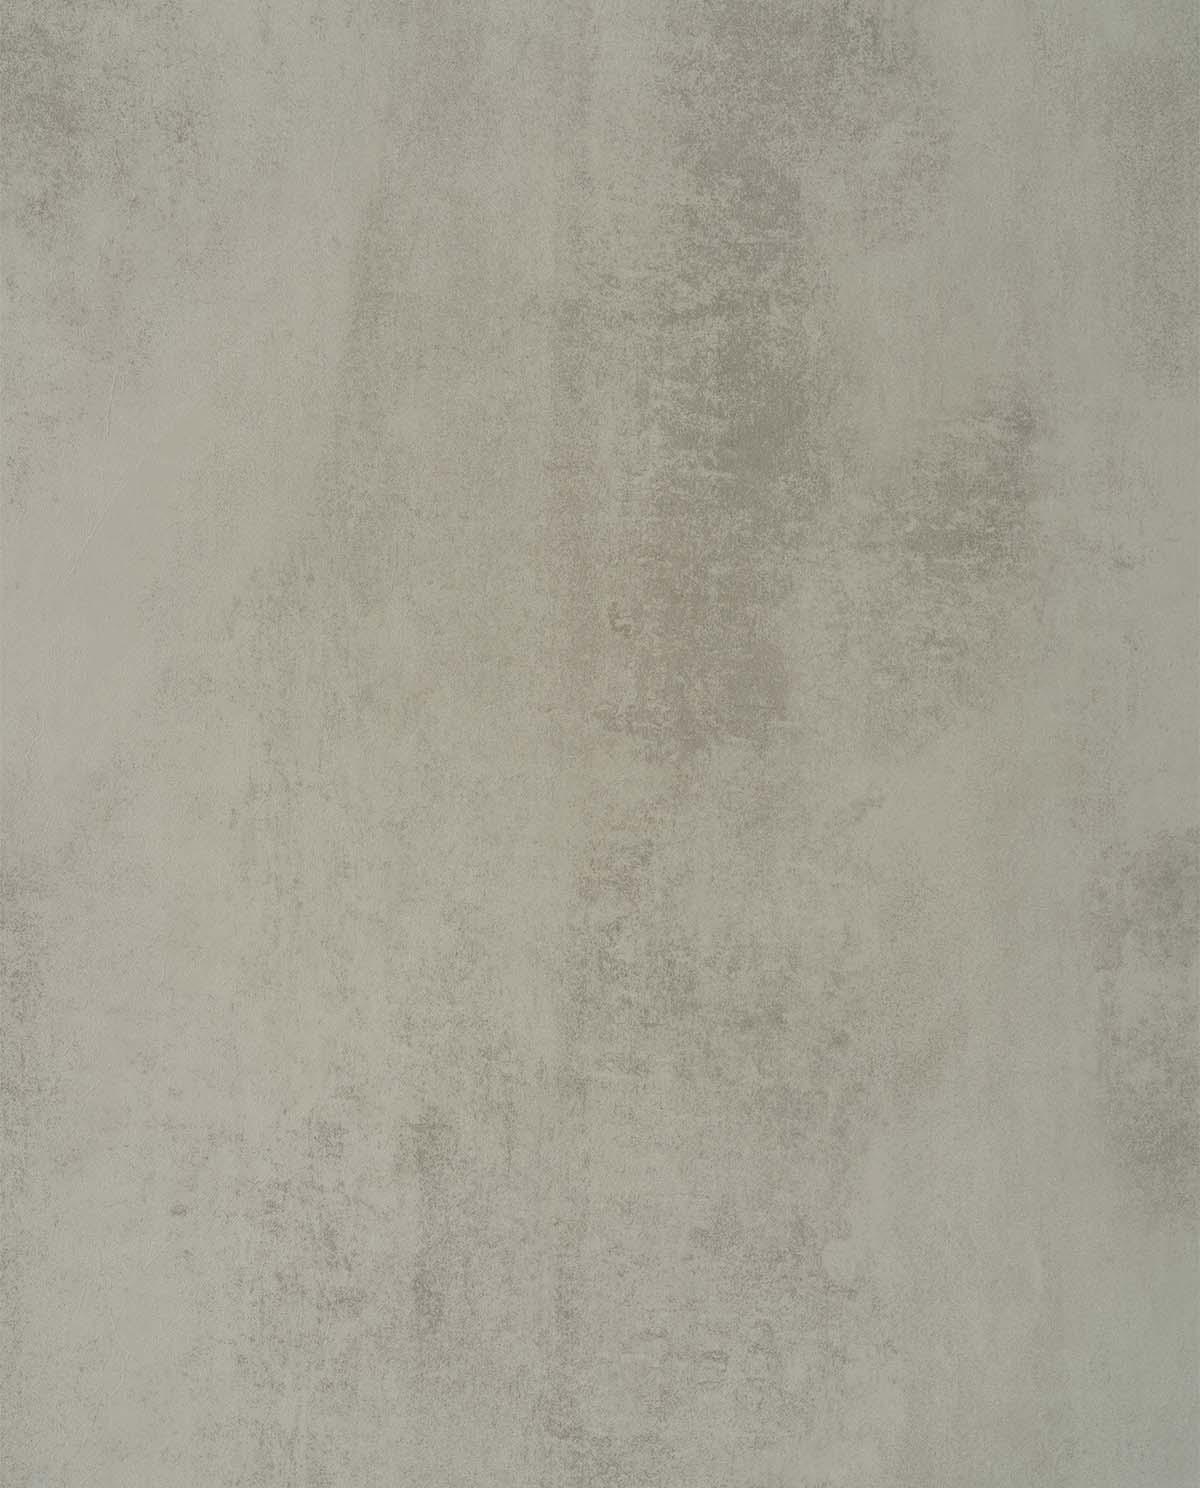 26. Ceramic Concrete